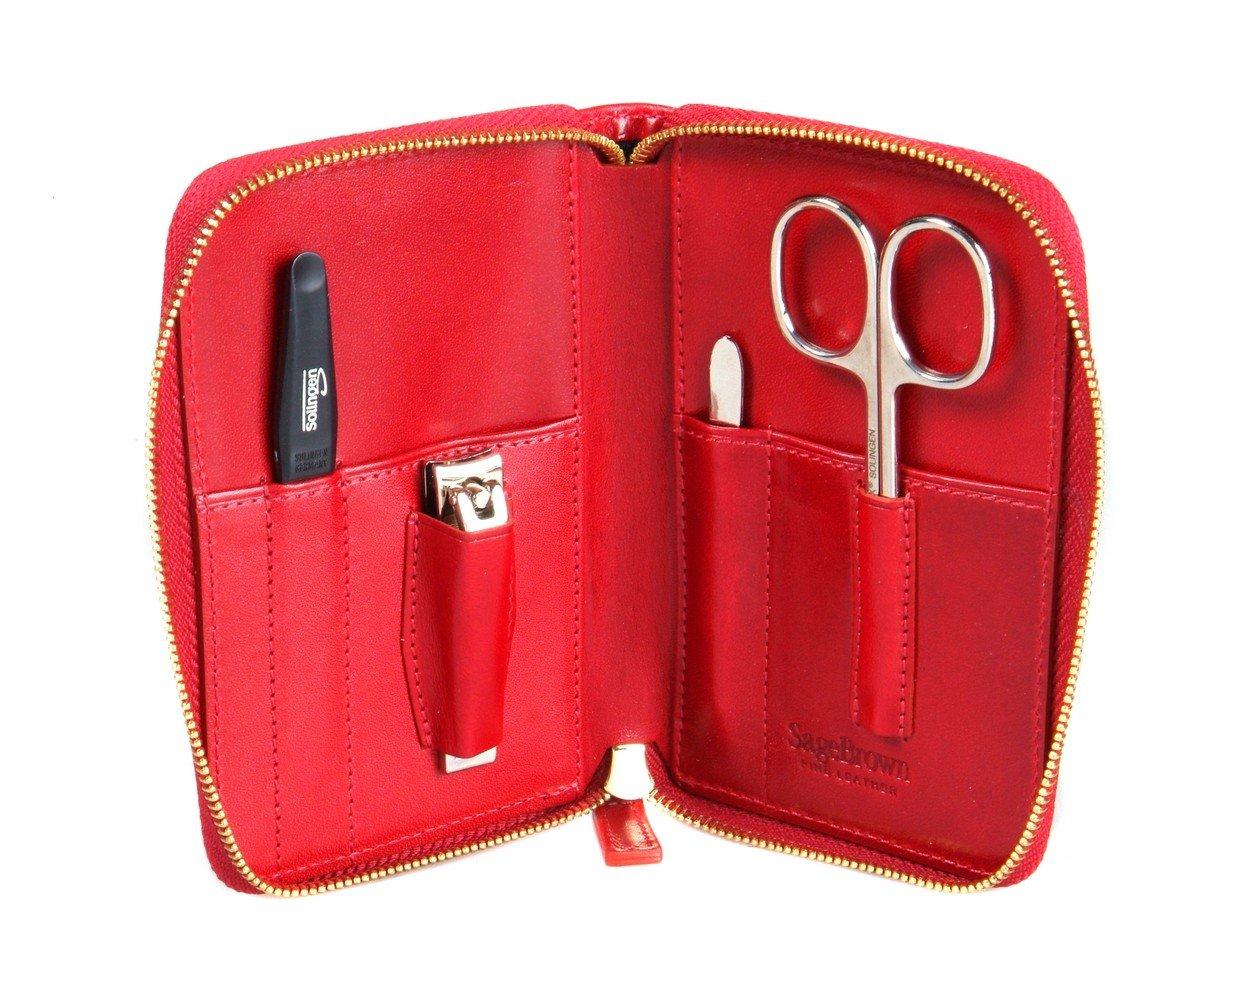 SAGEBROWN Red Zip Around Manicure Set